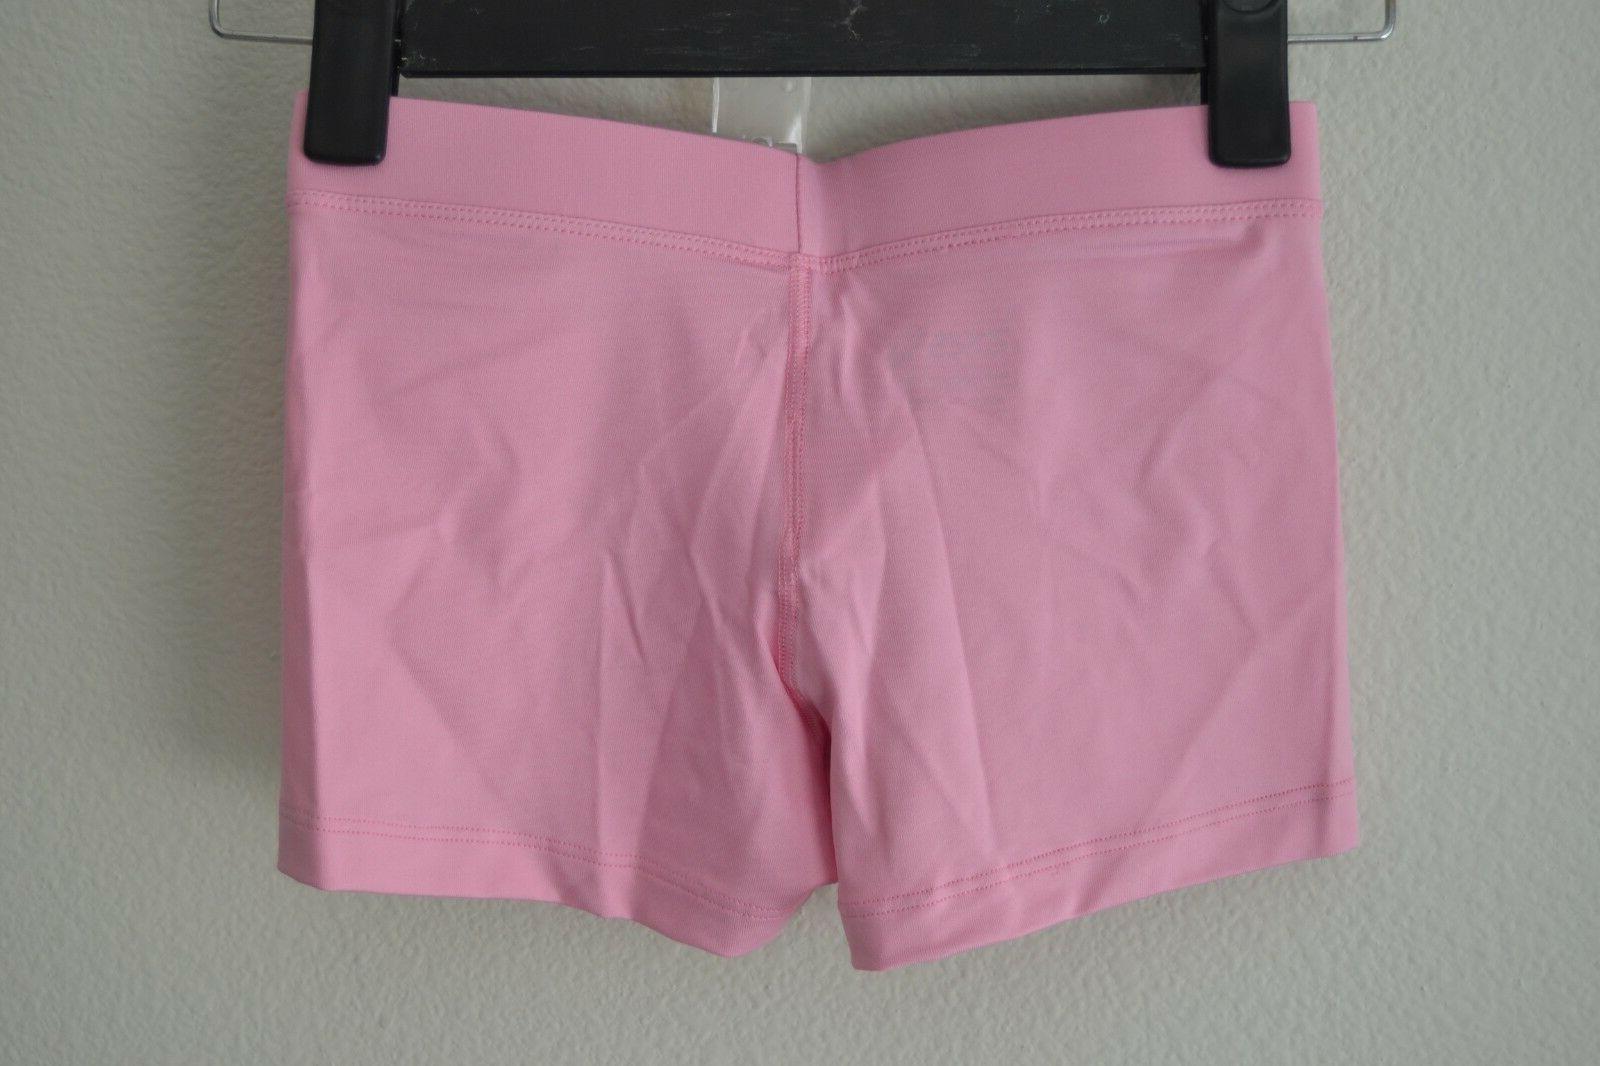 ASICS Short Pink Sz XXS NWT